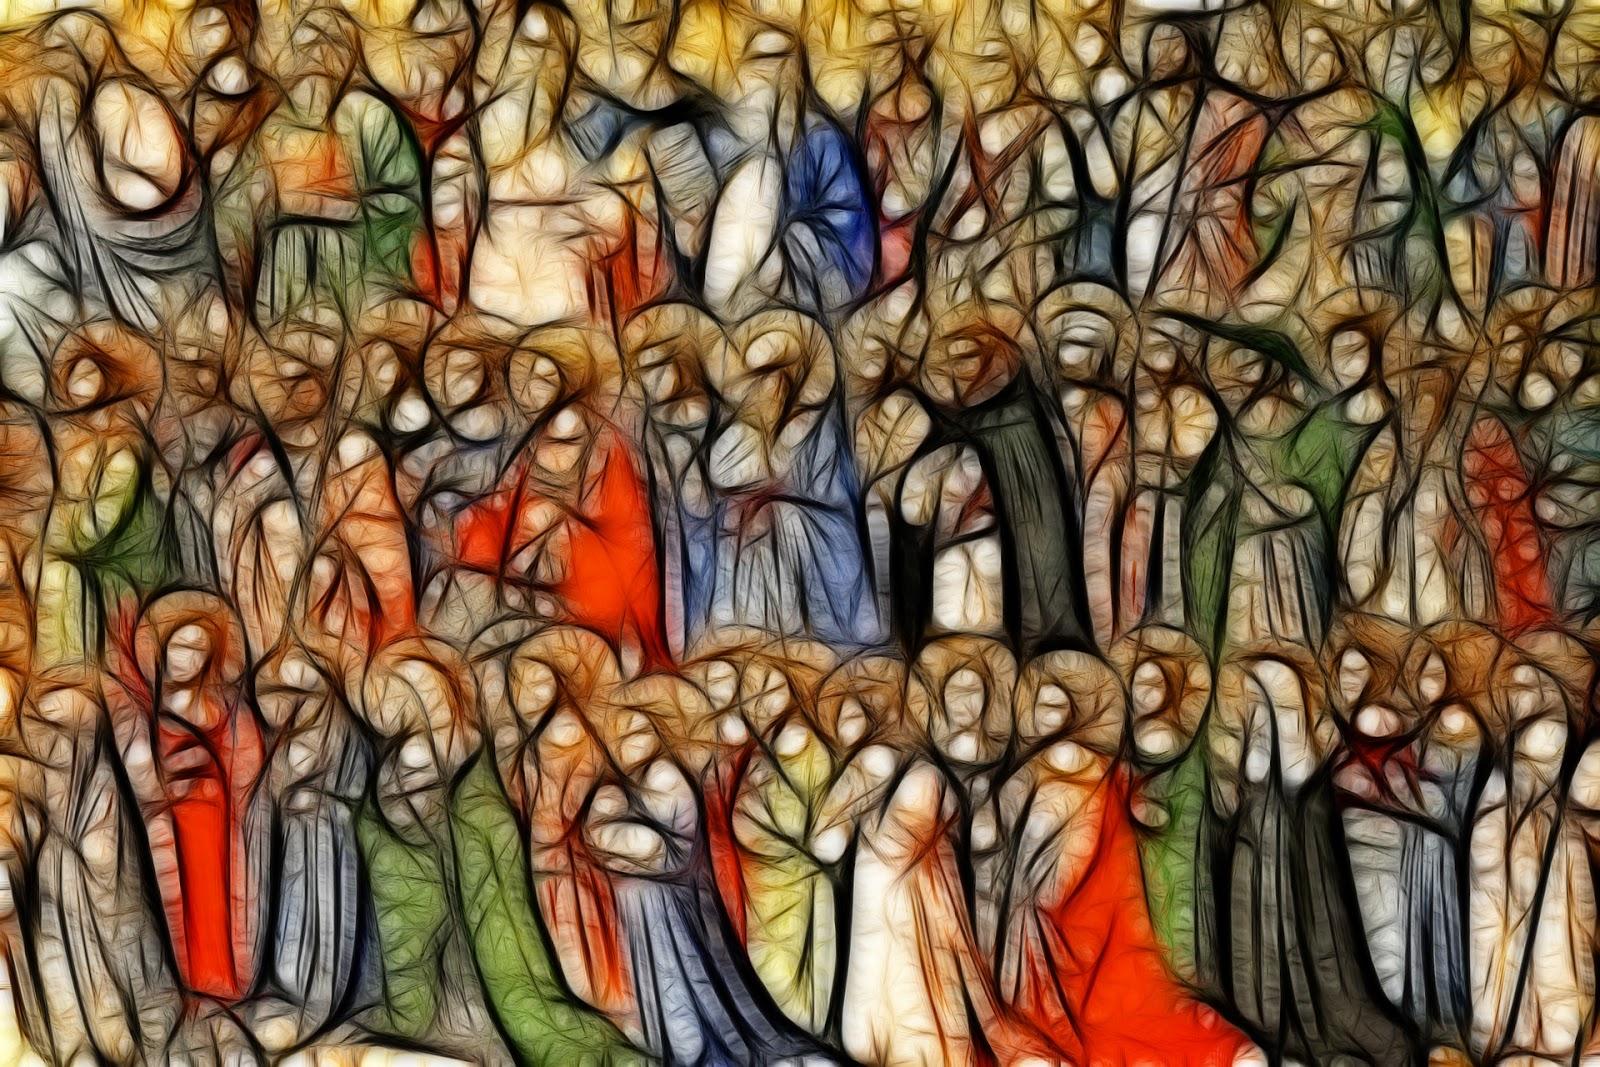 Pintura reforma protestante